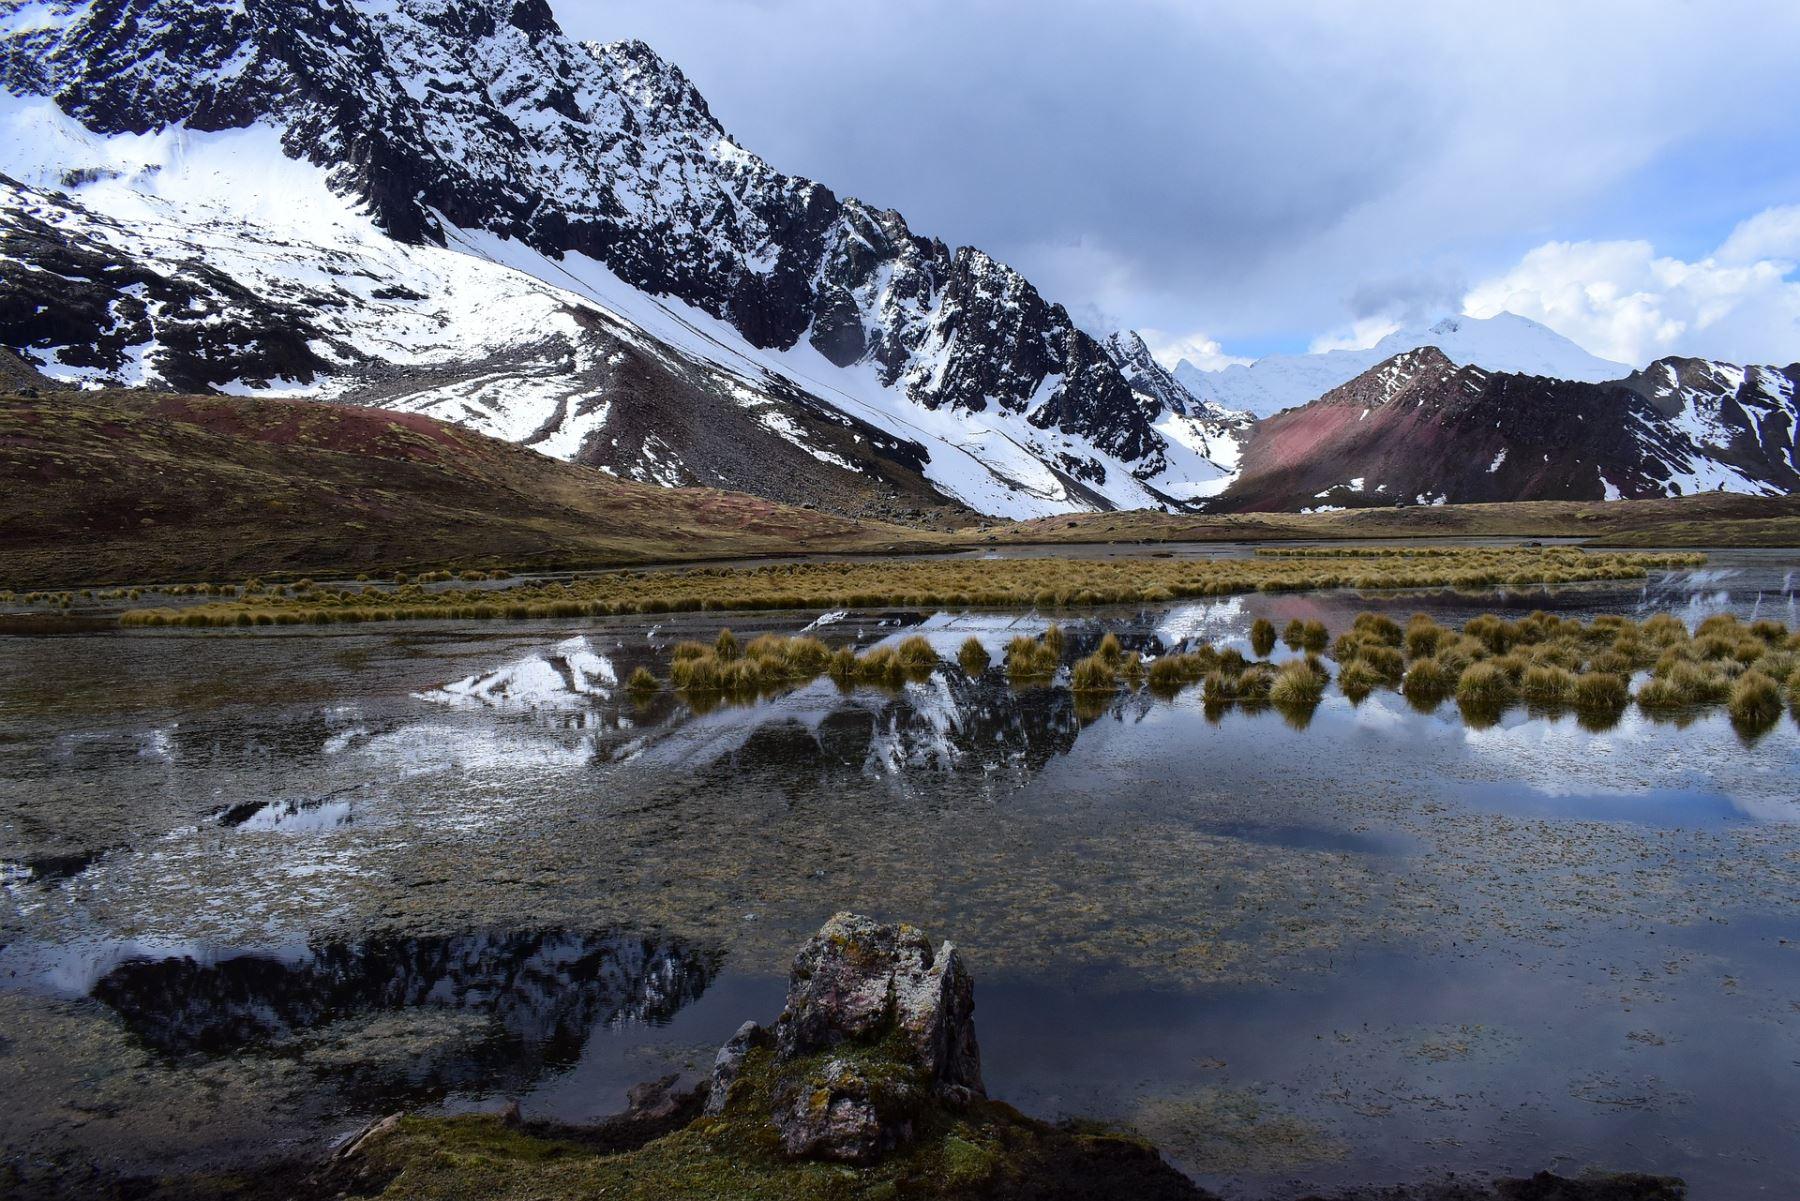 ANDINA/DifusiónA propósito del Día Mundial del Agua conozca cuatro proyectos científicos que buscan descontaminar las fuentes de agua en el Perú. ANDINA/Difusión